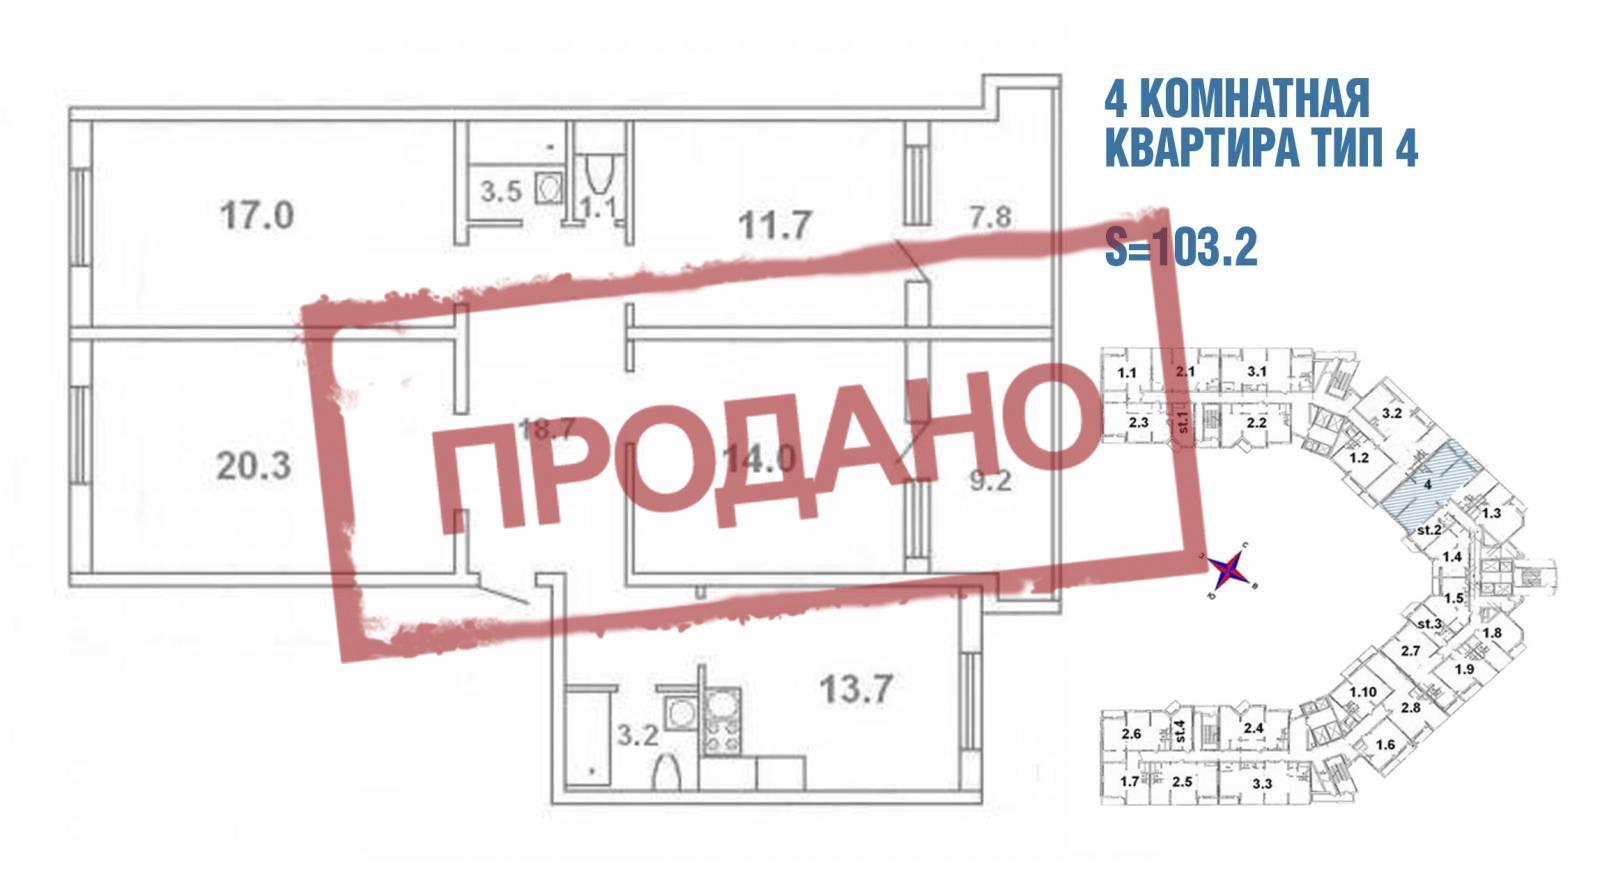 4-х комнатные квартиры тип 4 - 103,2 кв.м.